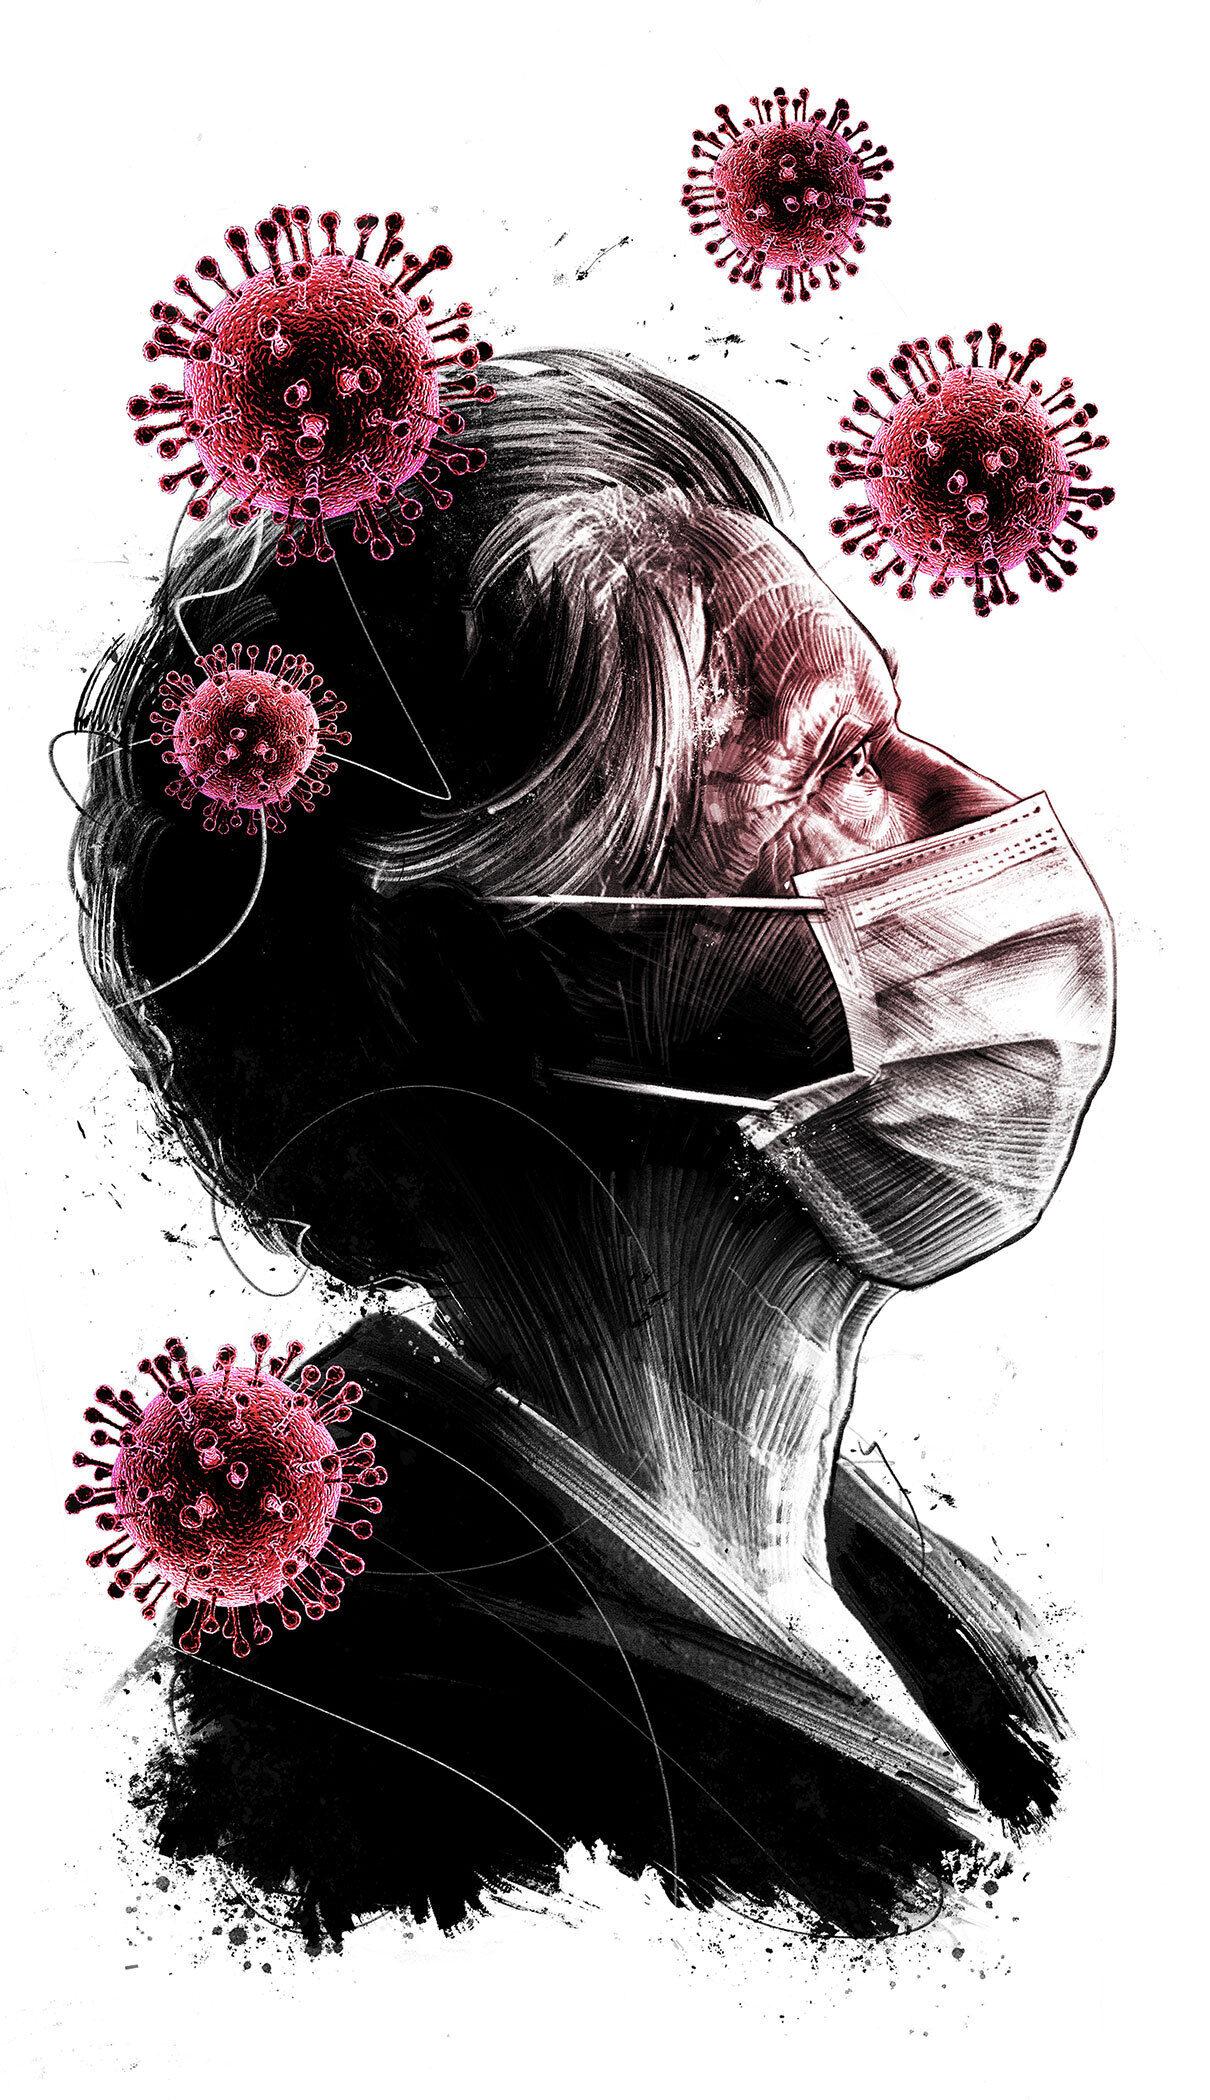 Risk group editorial illustration - Kornel Illustration | Kornel Stadler portfolio